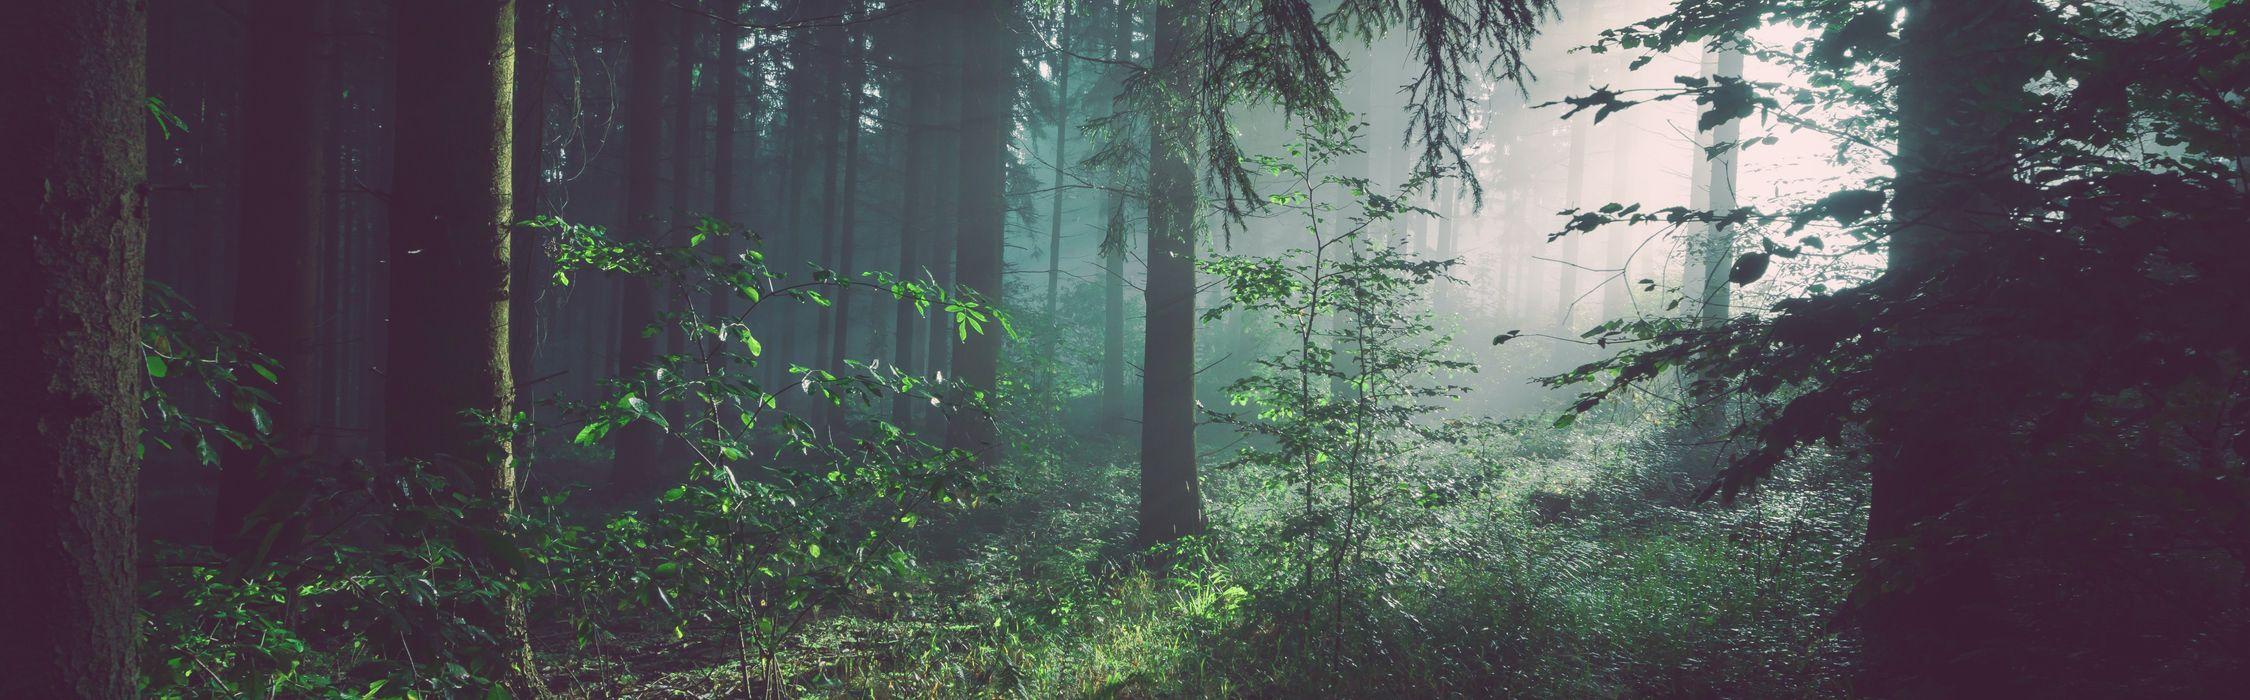 particolare di un bosco nella penombra